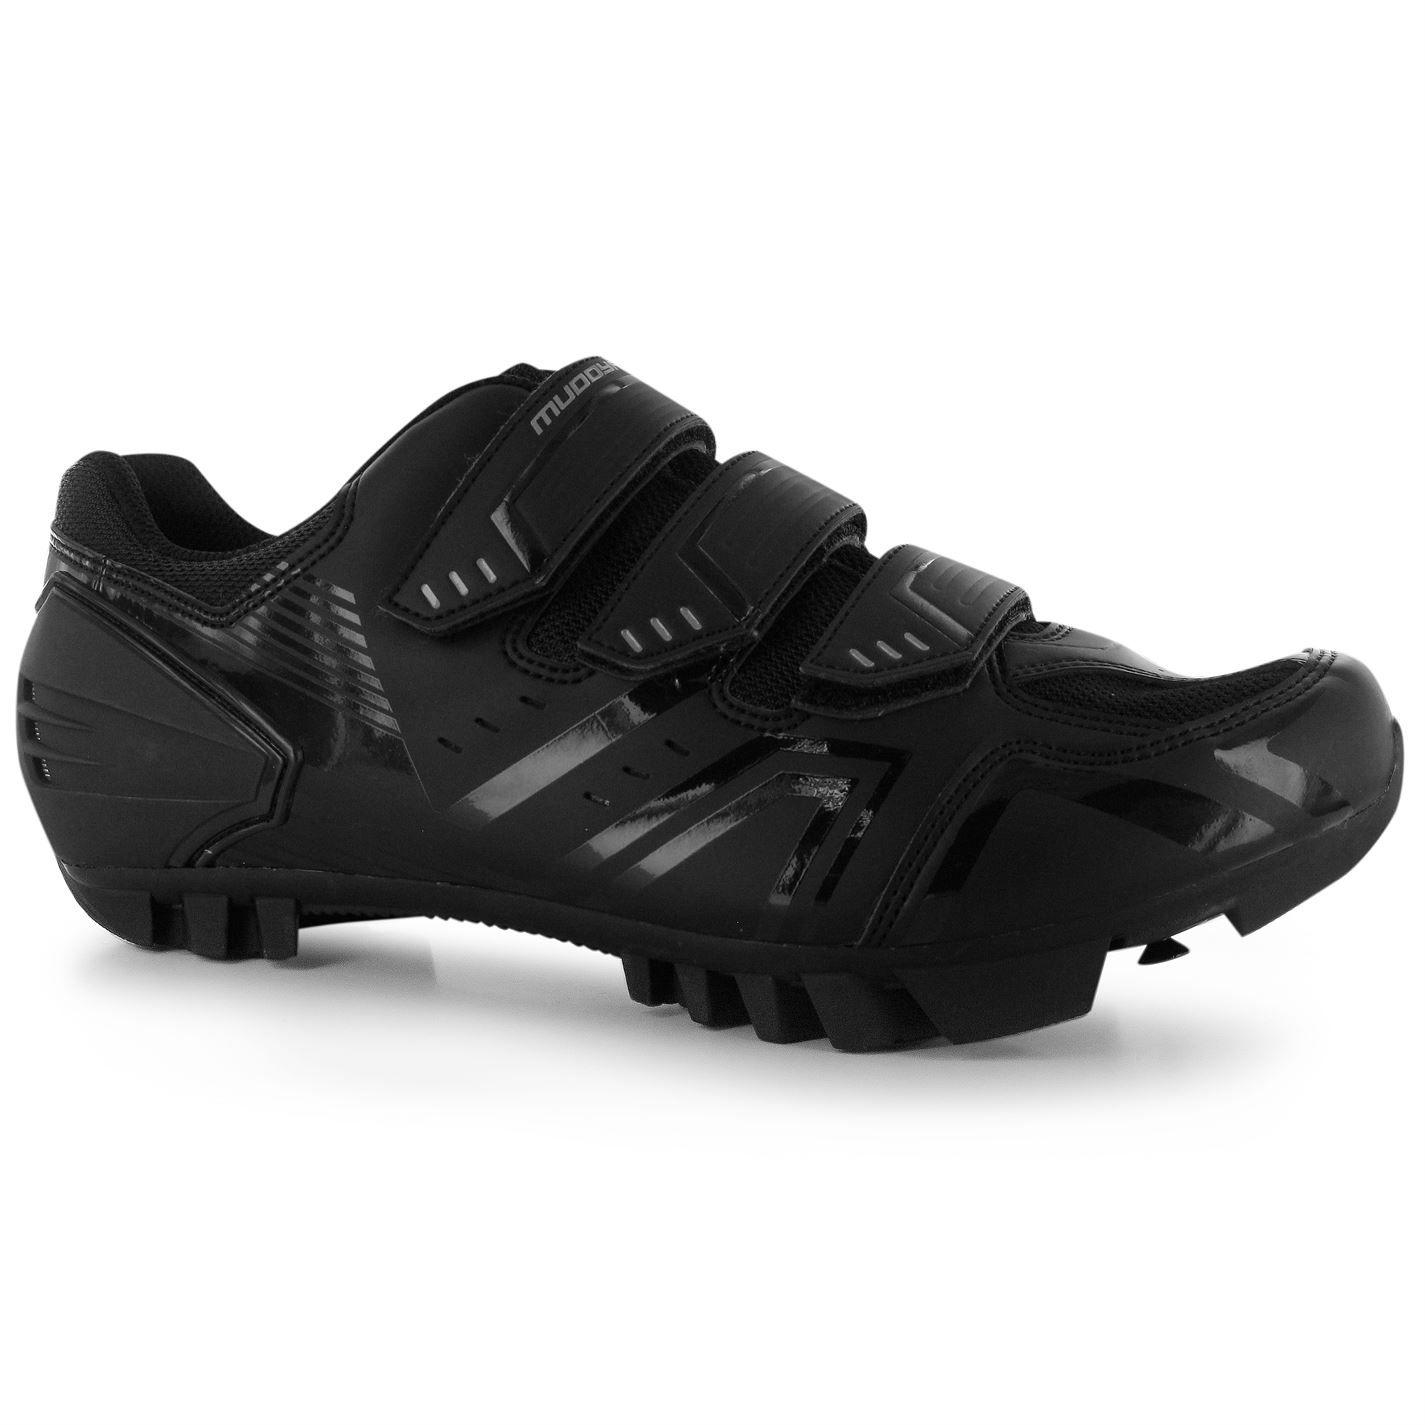 Muddyfox | Muddyfox MTB100 Mens Cycling Shoes | Cycling